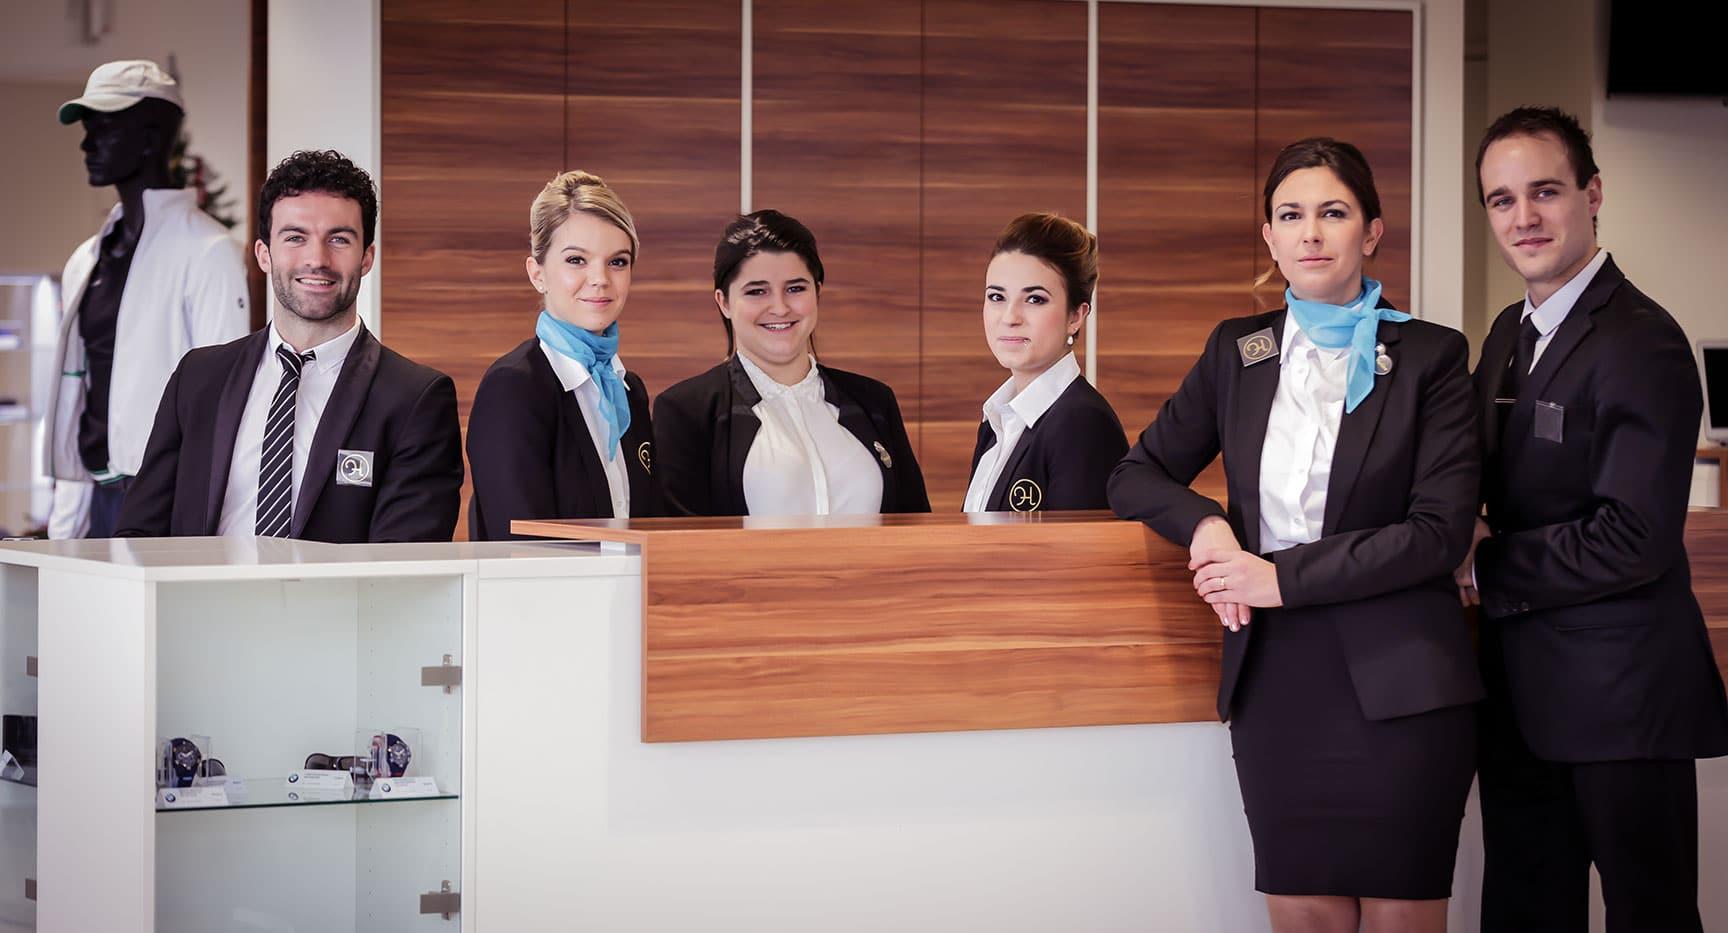 Hôtesses d'accueil